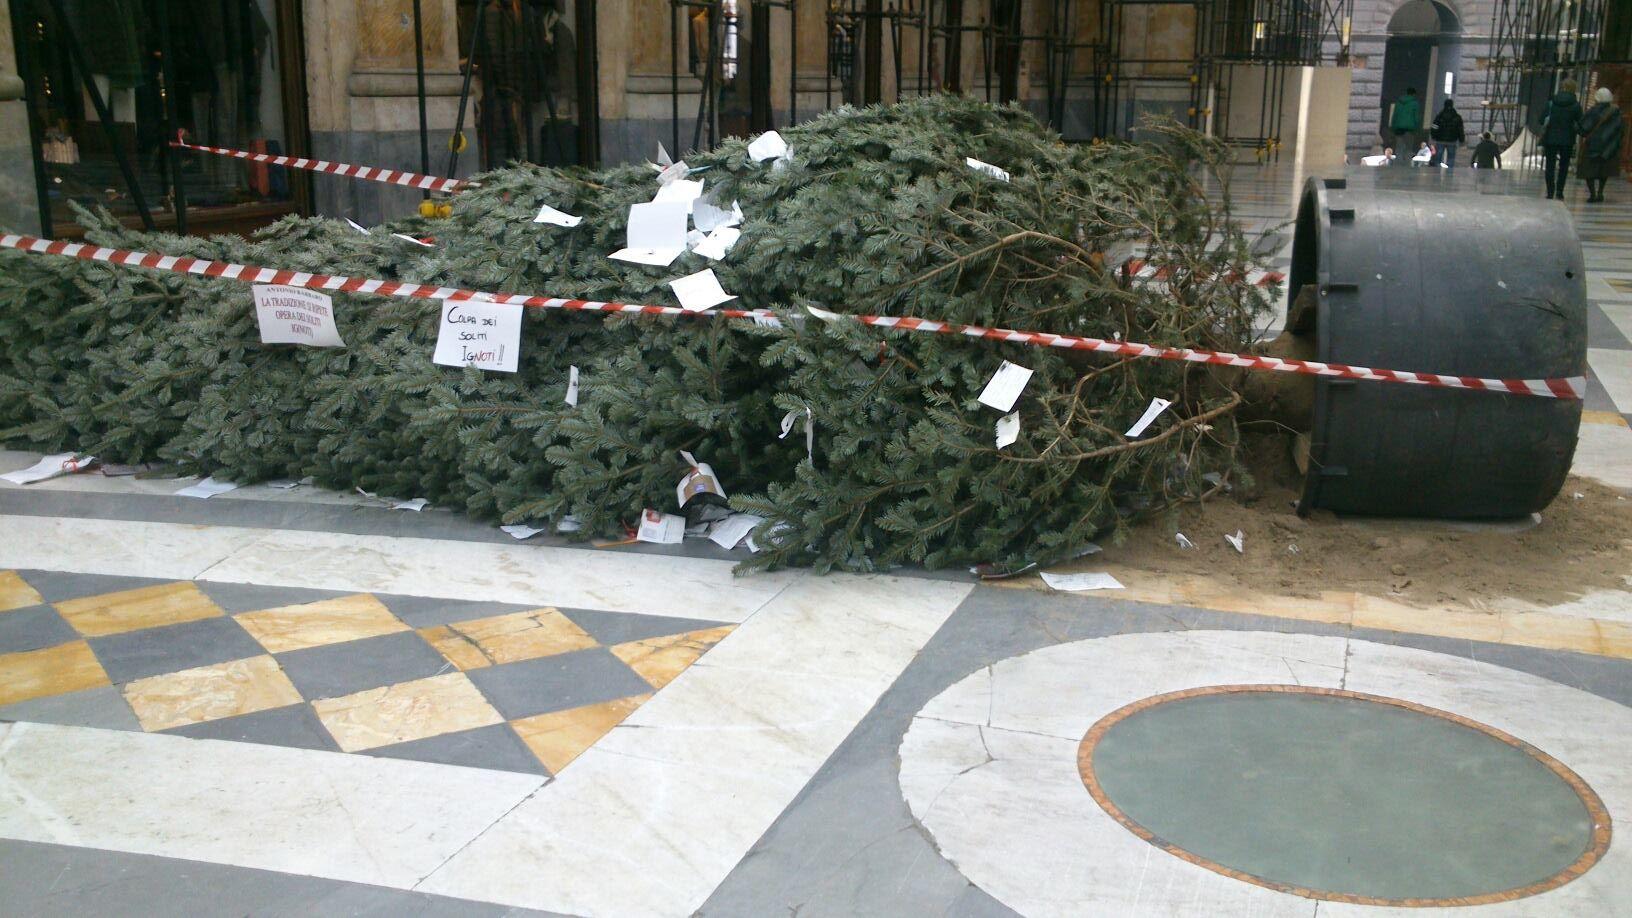 Galleria Umberto I di nuovo allarme: abbattuto albero di Natale dai soliti ignoti…